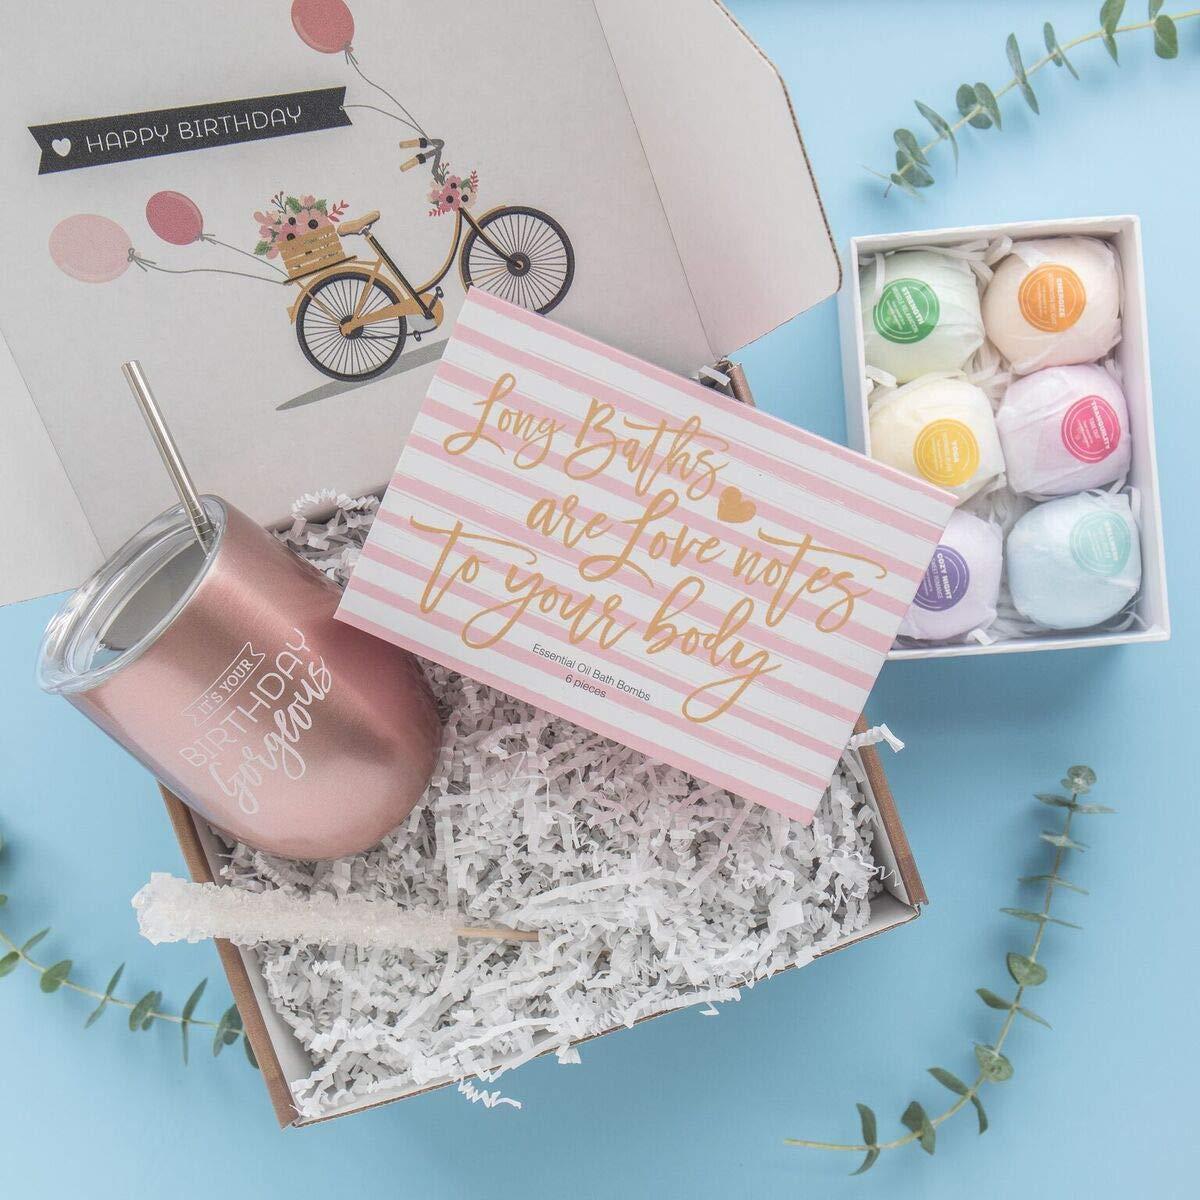 Amazon.com: Regalo de cumpleaños para mujer: vaso de acero ...